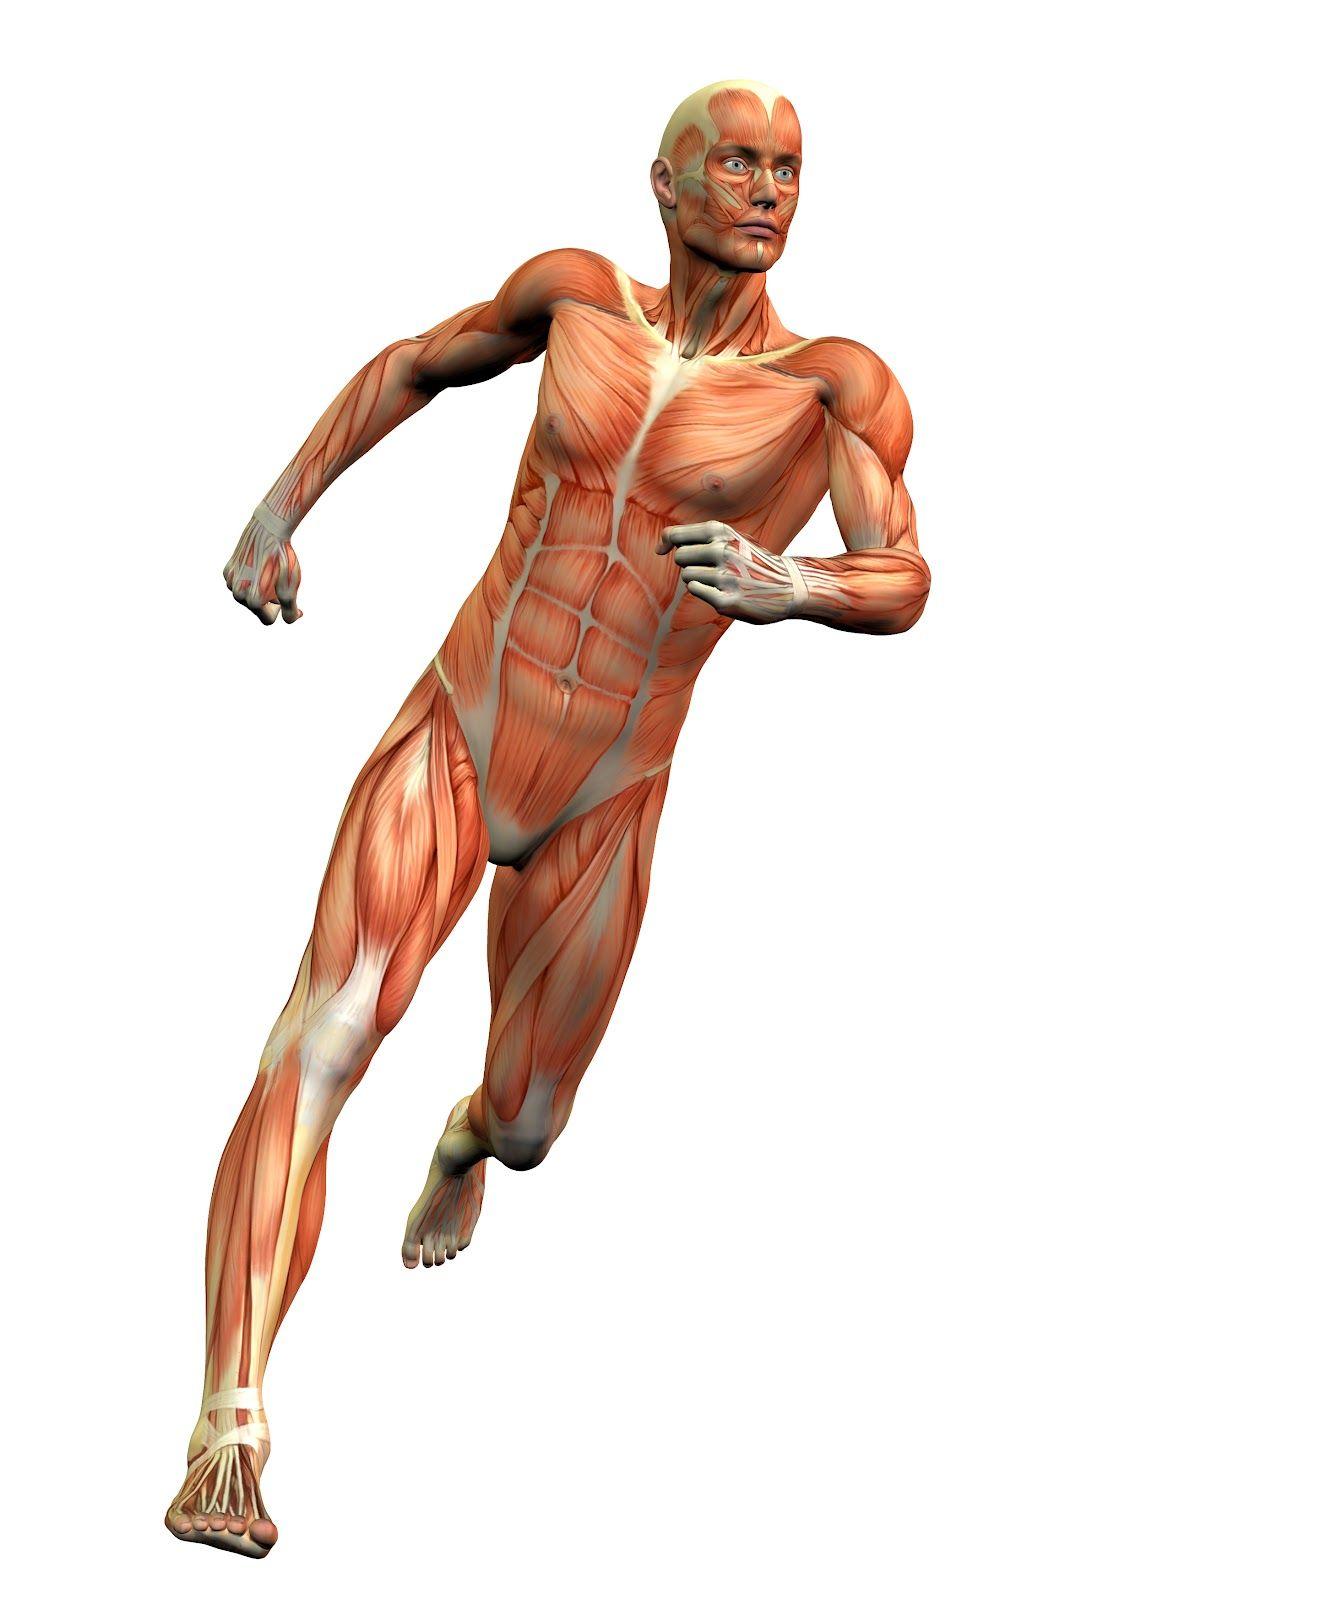 musculos de extremidades superiores e inferiores - Buscar con Google ...